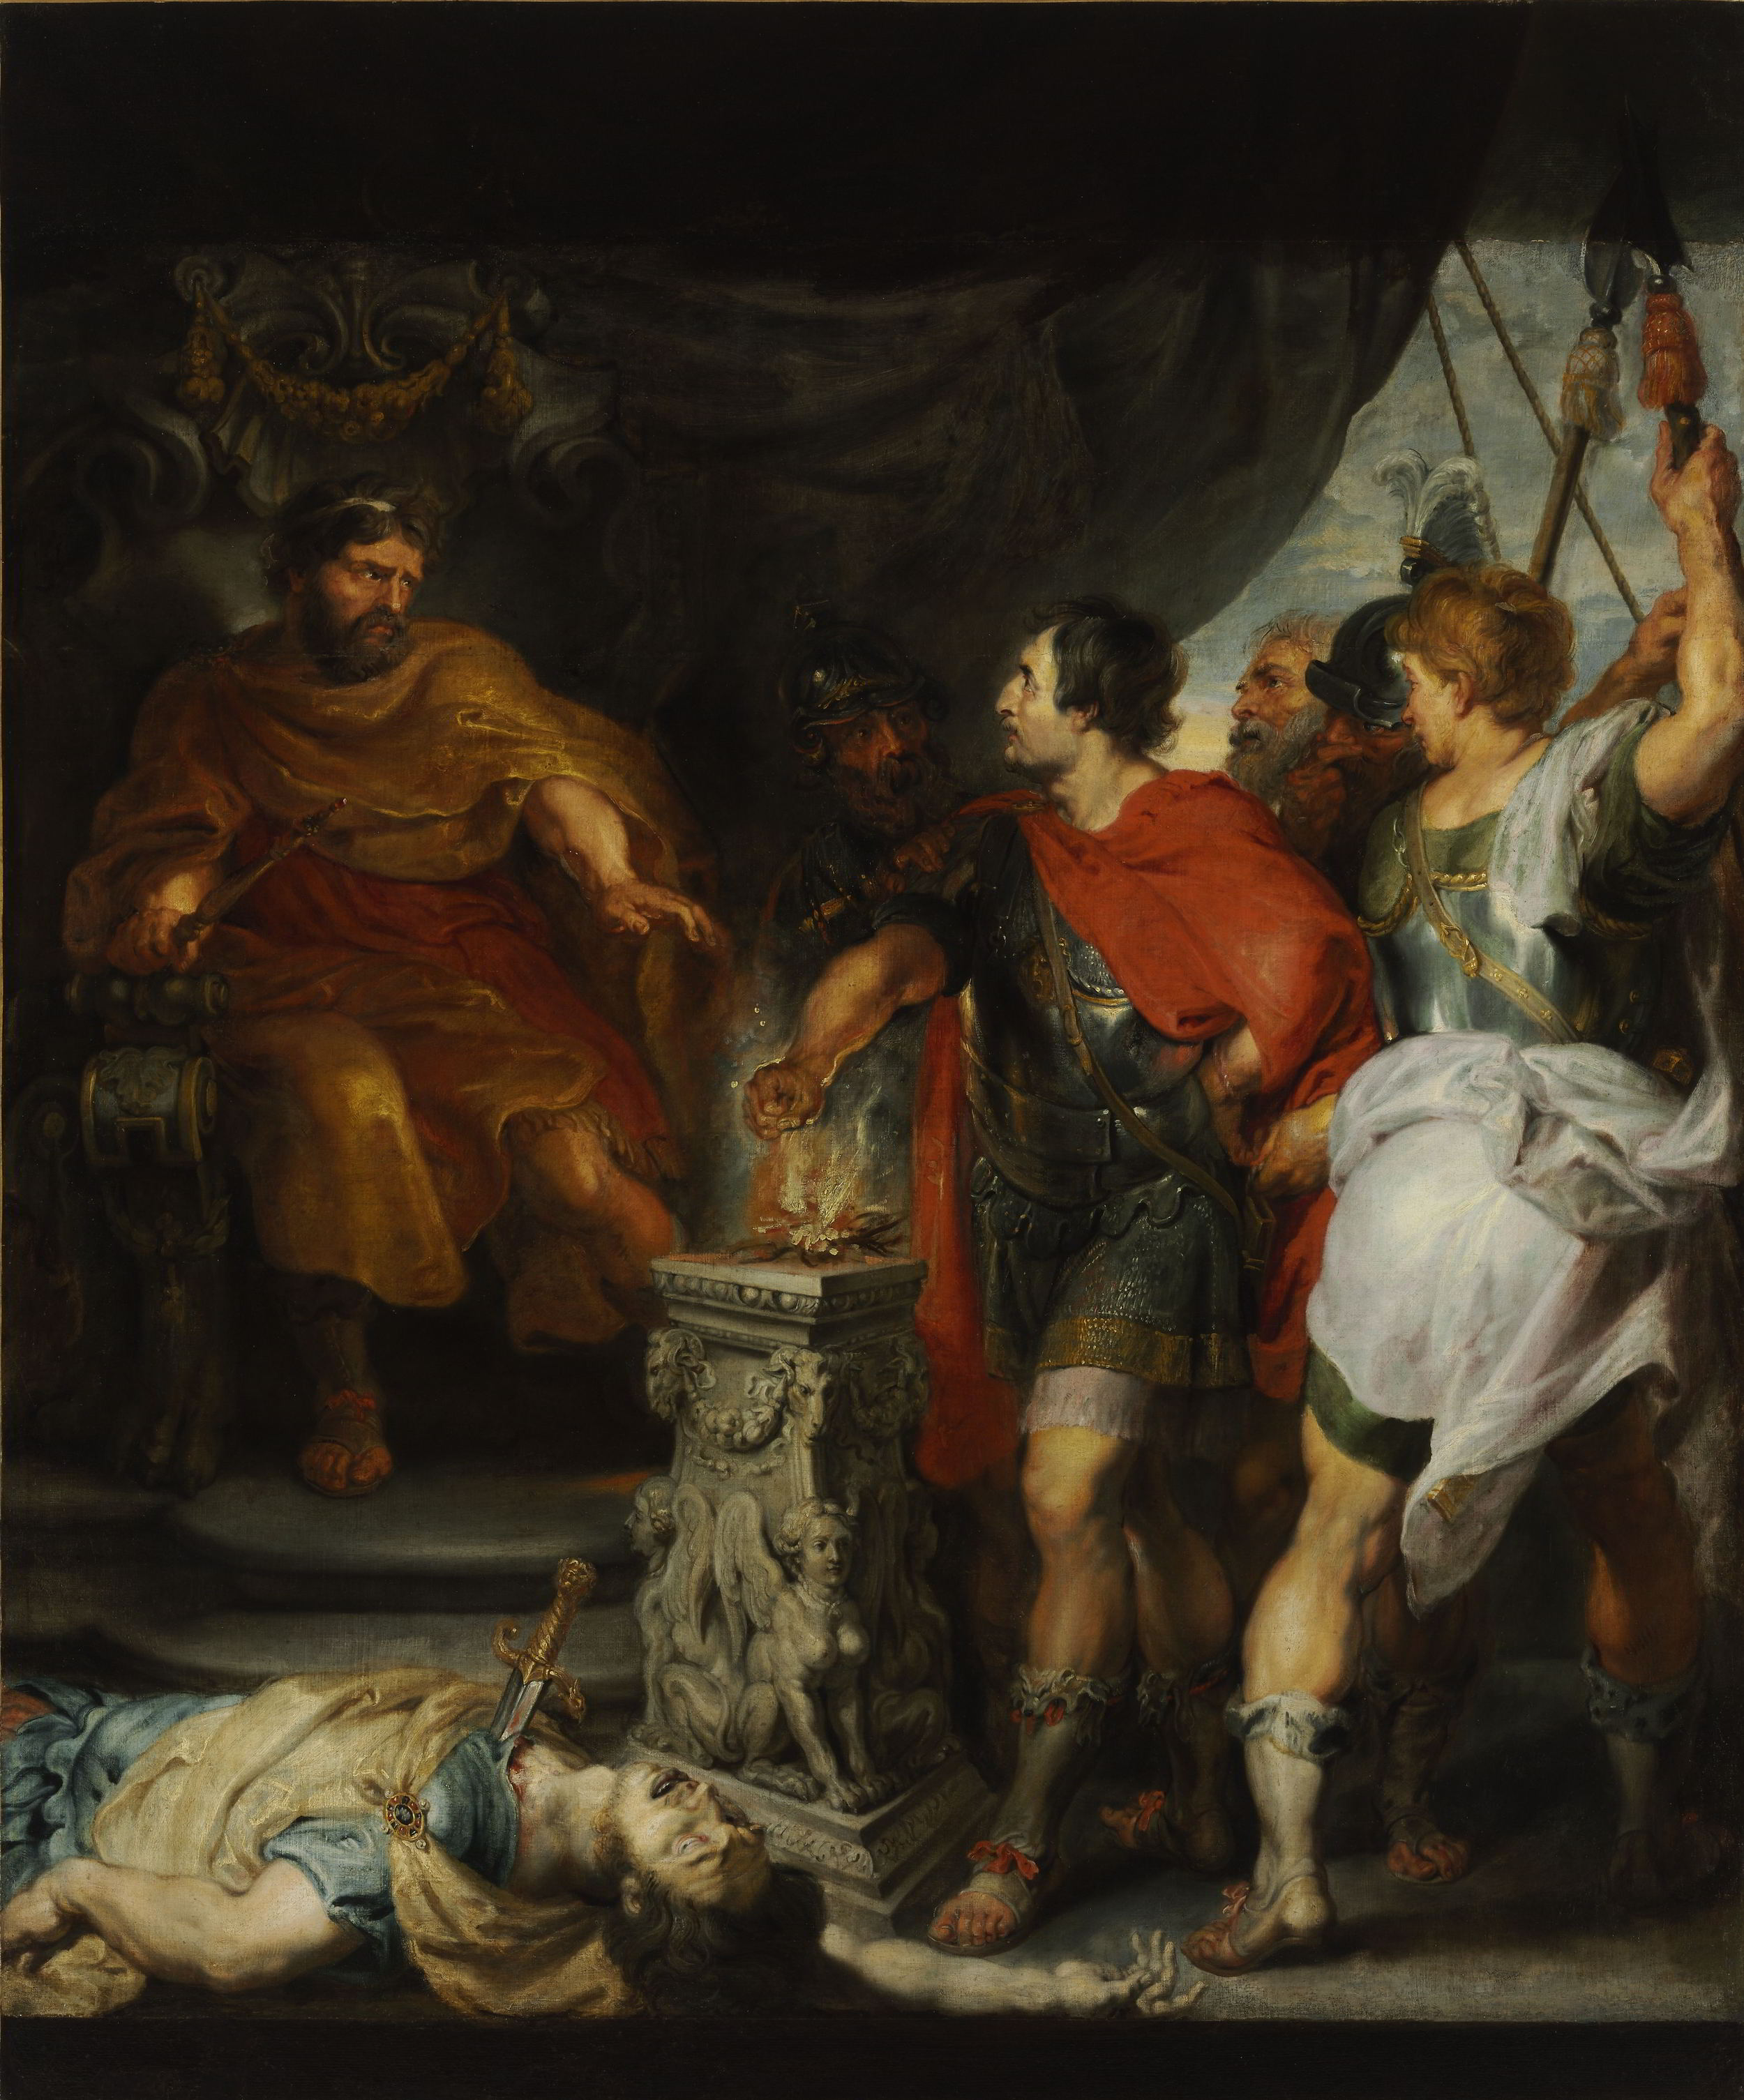 Peter Paul Rubens and Anthony van Dyck, <em>Mucius Scaevola before Lars Porsenna</em> ca. 1618–1620 Szépművészeti Múzeum, Budapest